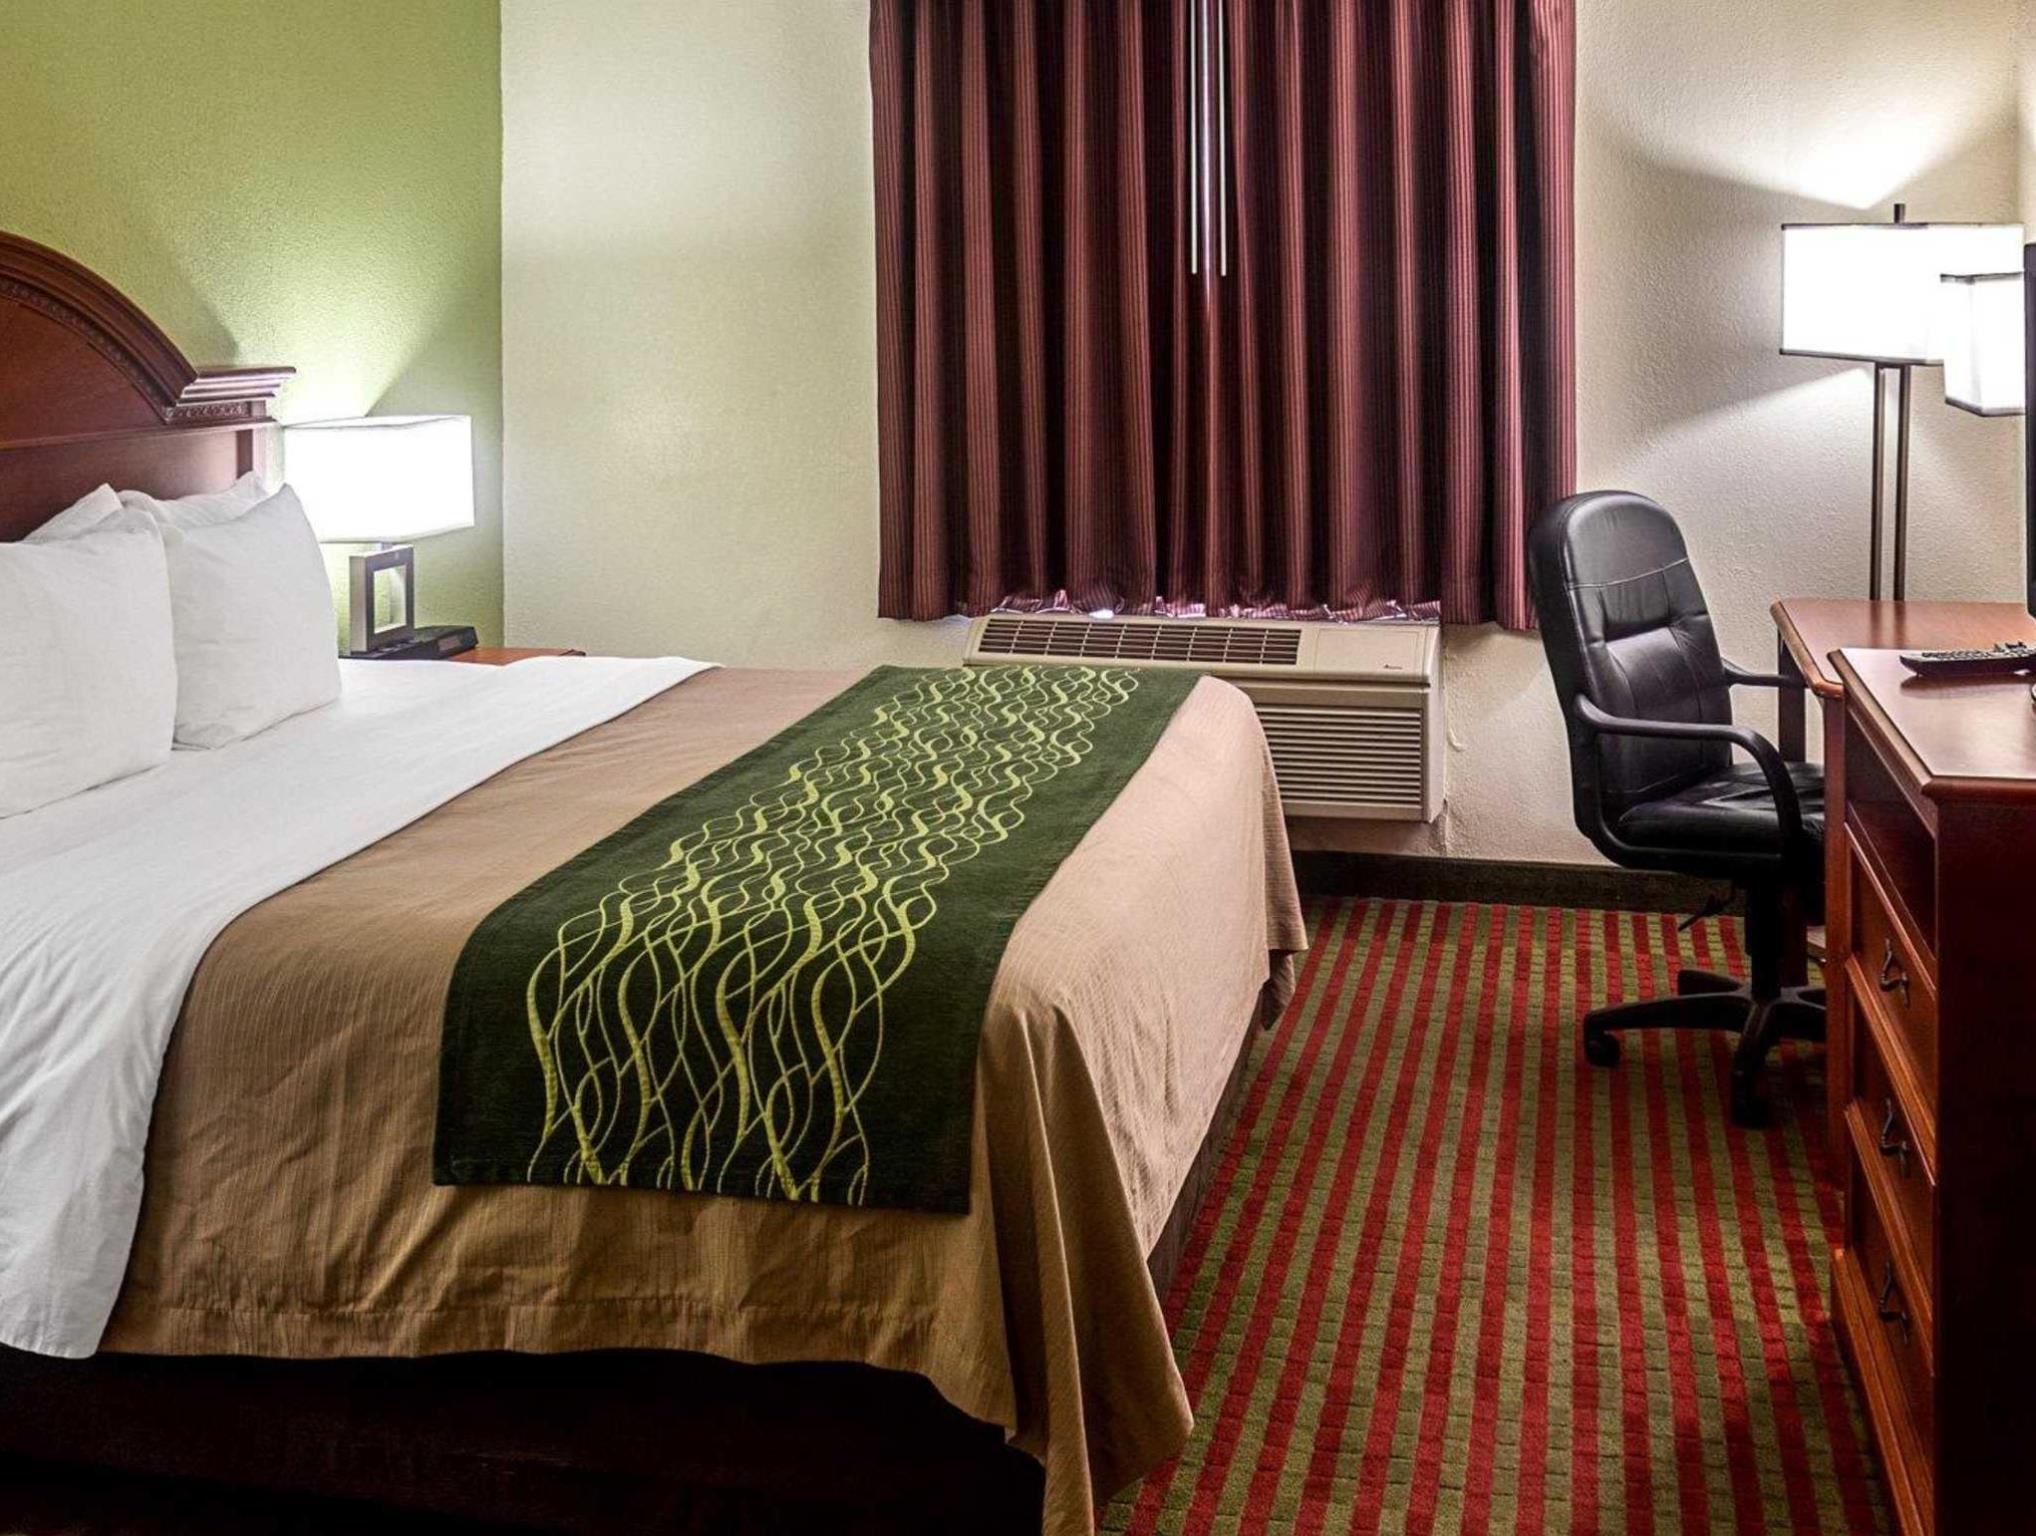 Comfort Inn, Newport News